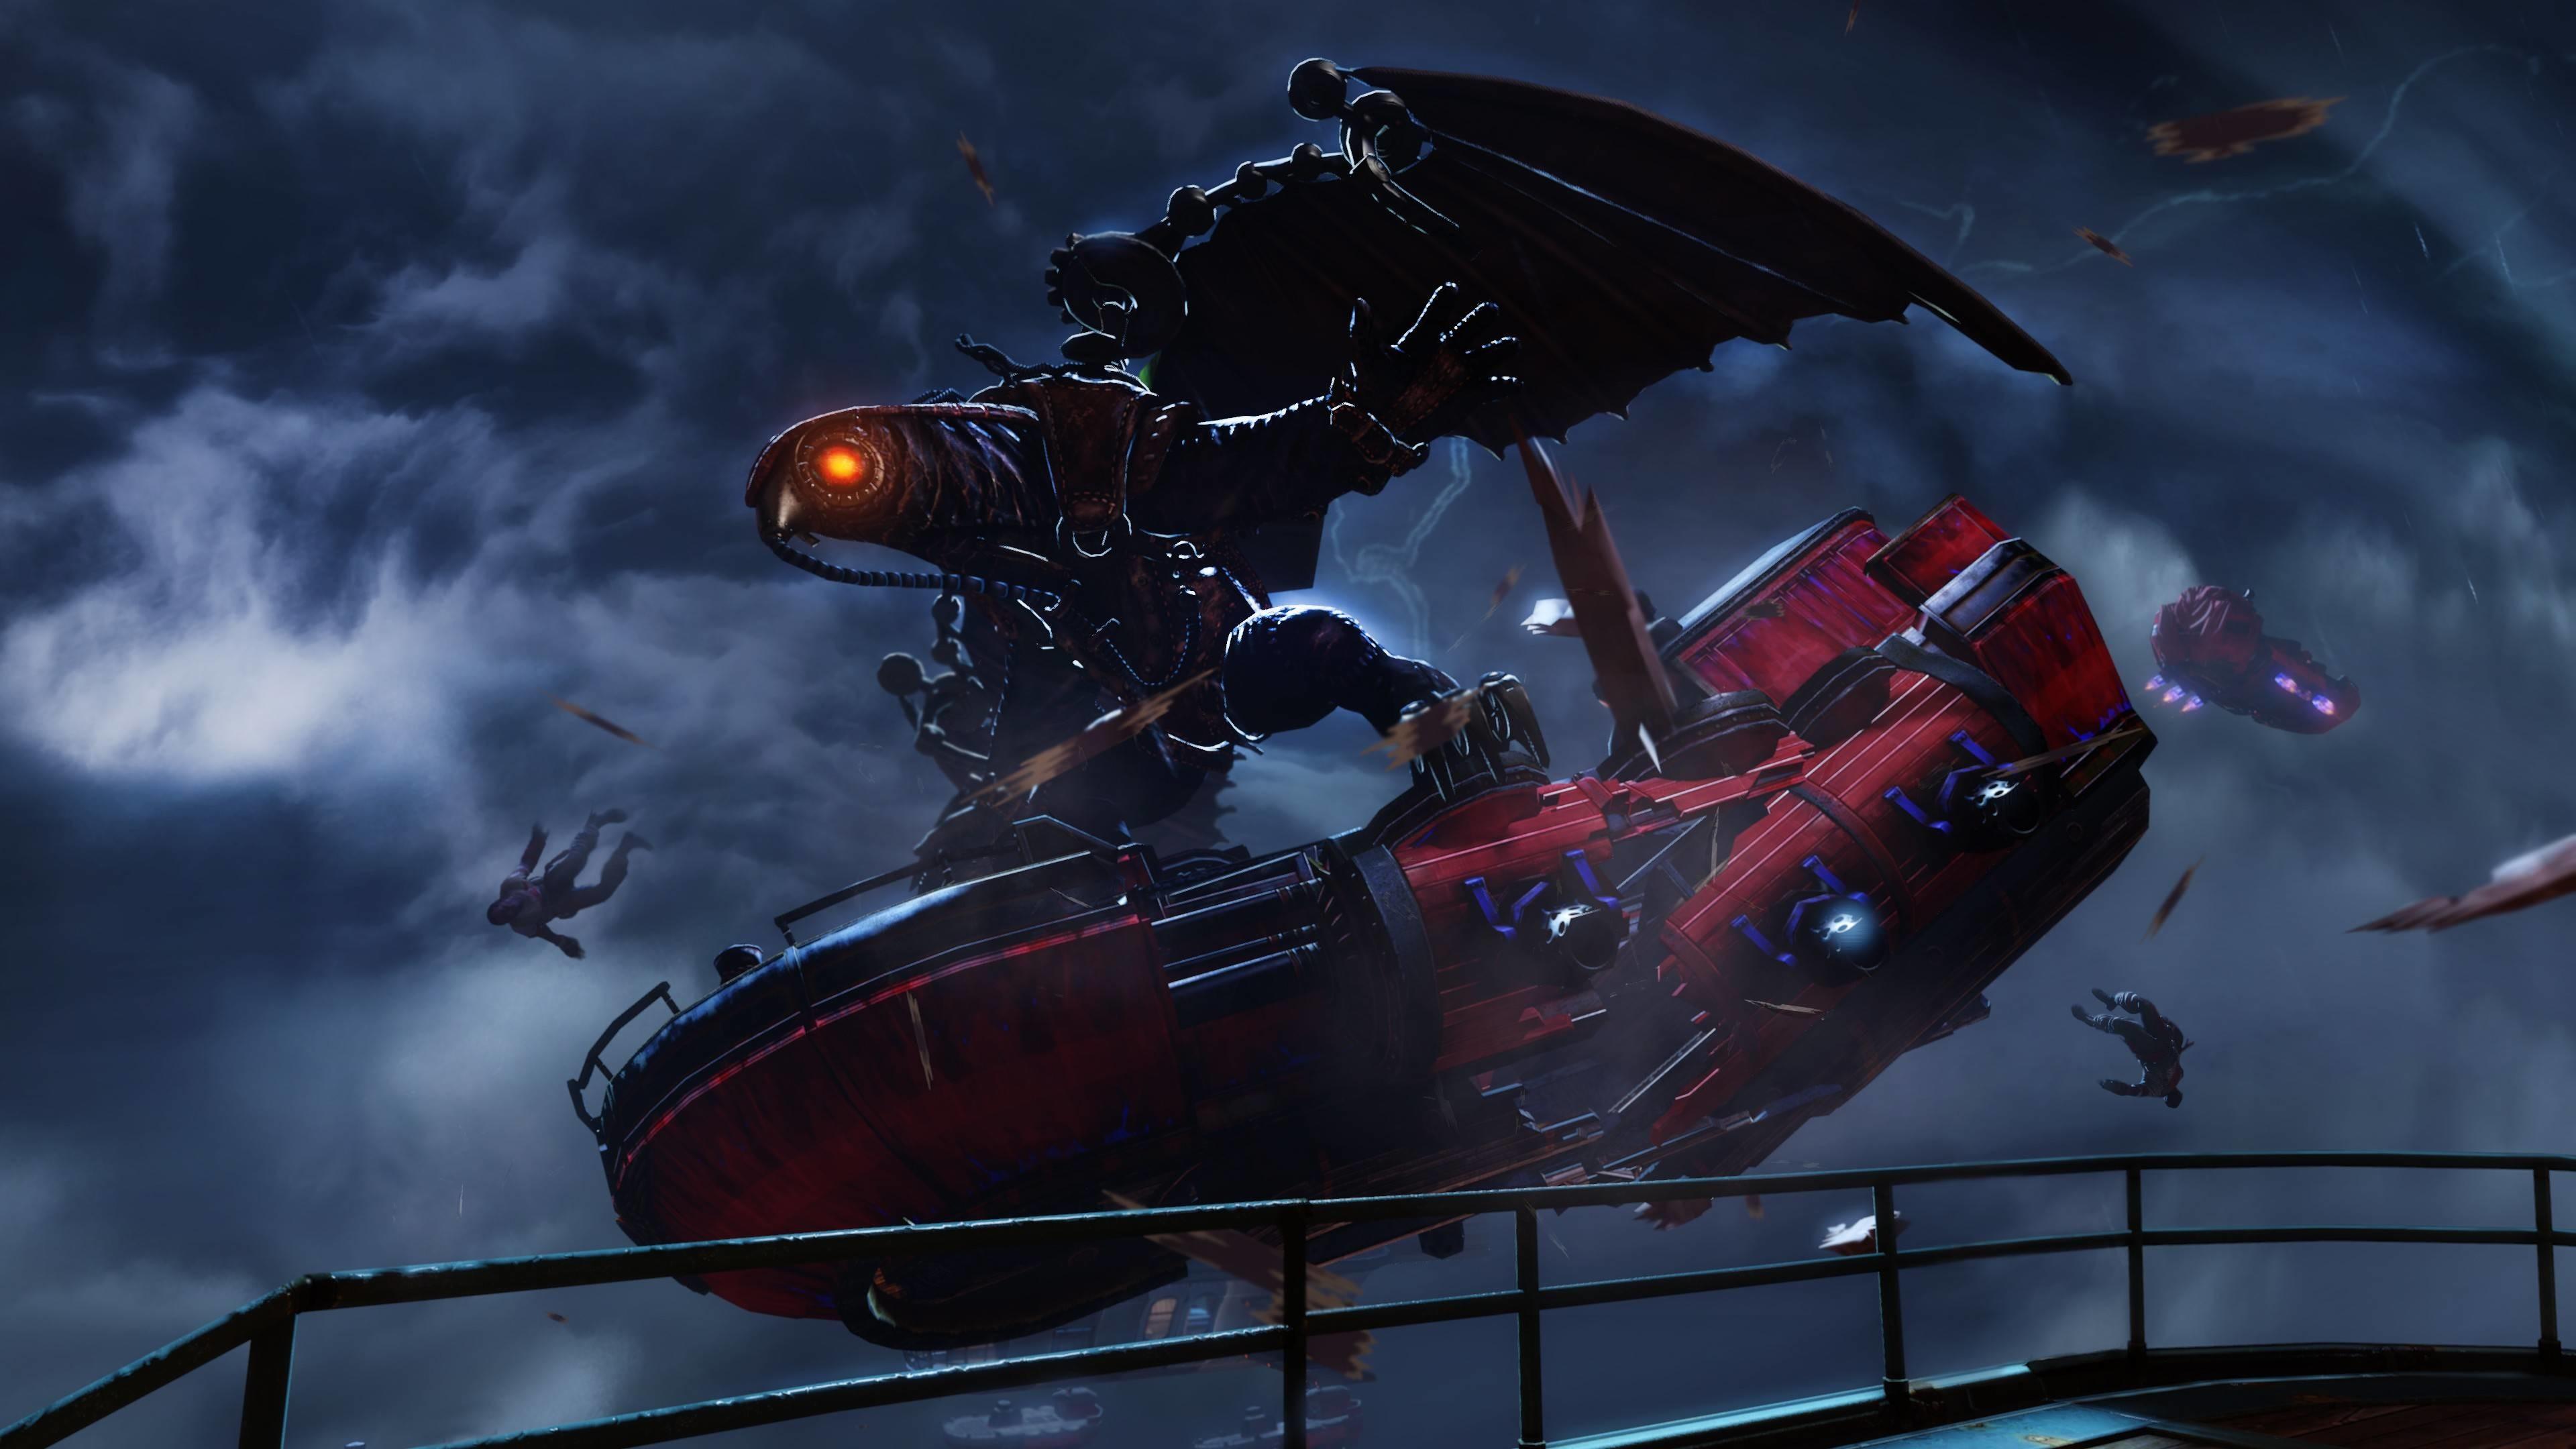 .com :: Sci-Fi/Fantasy Large Bird Flying on Ship – 4K .